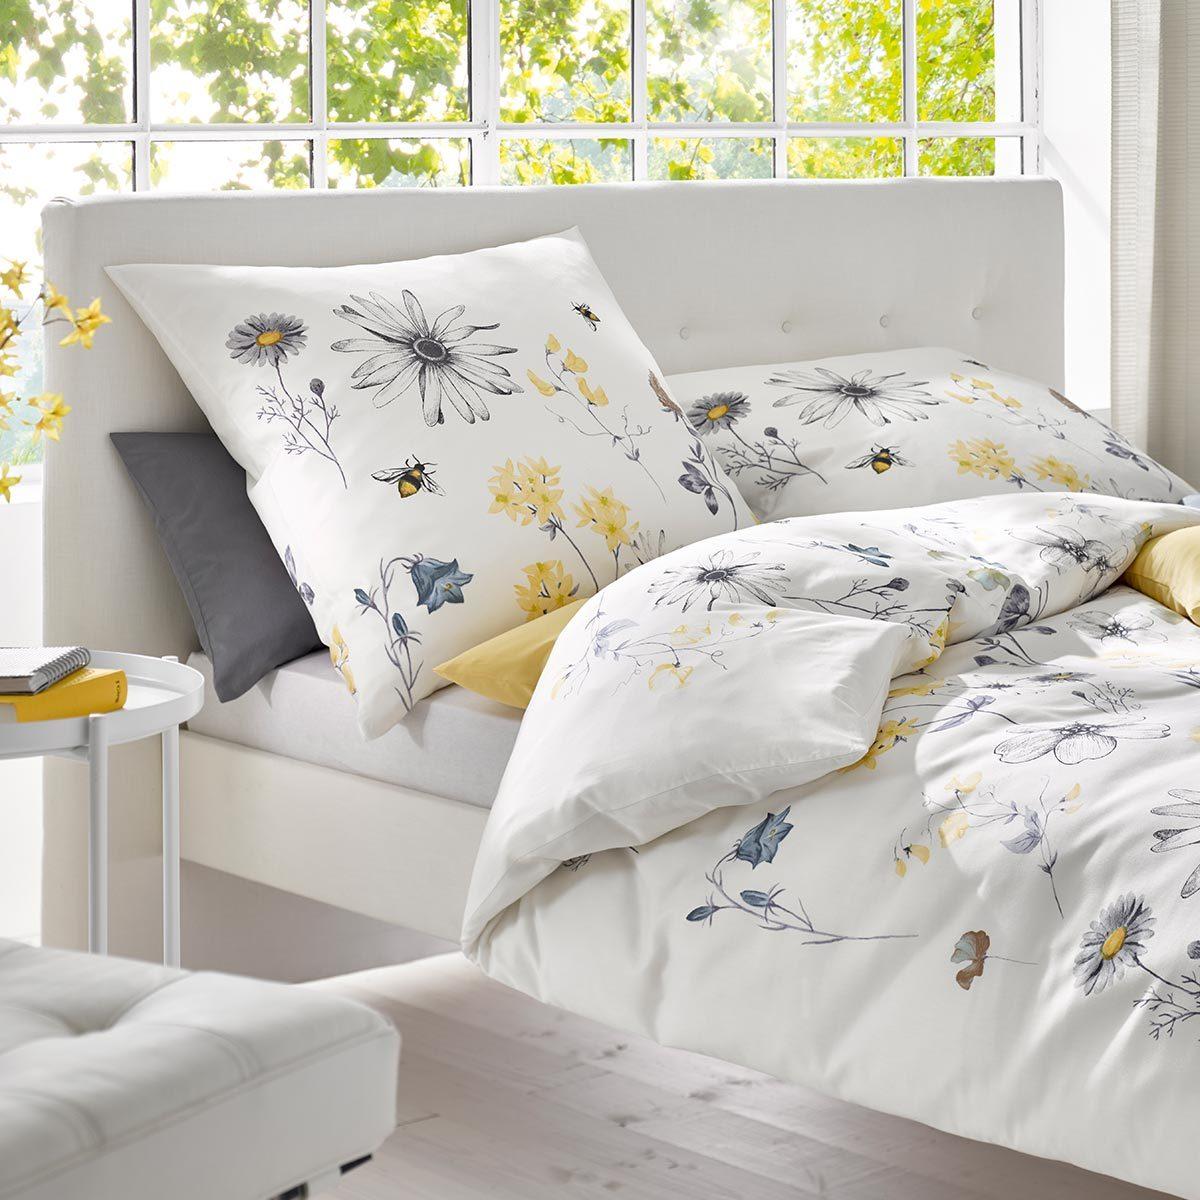 fleuresse mako satin bettw sche modern garden 113825 03 g nstig online kaufen bei bettwaren shop. Black Bedroom Furniture Sets. Home Design Ideas